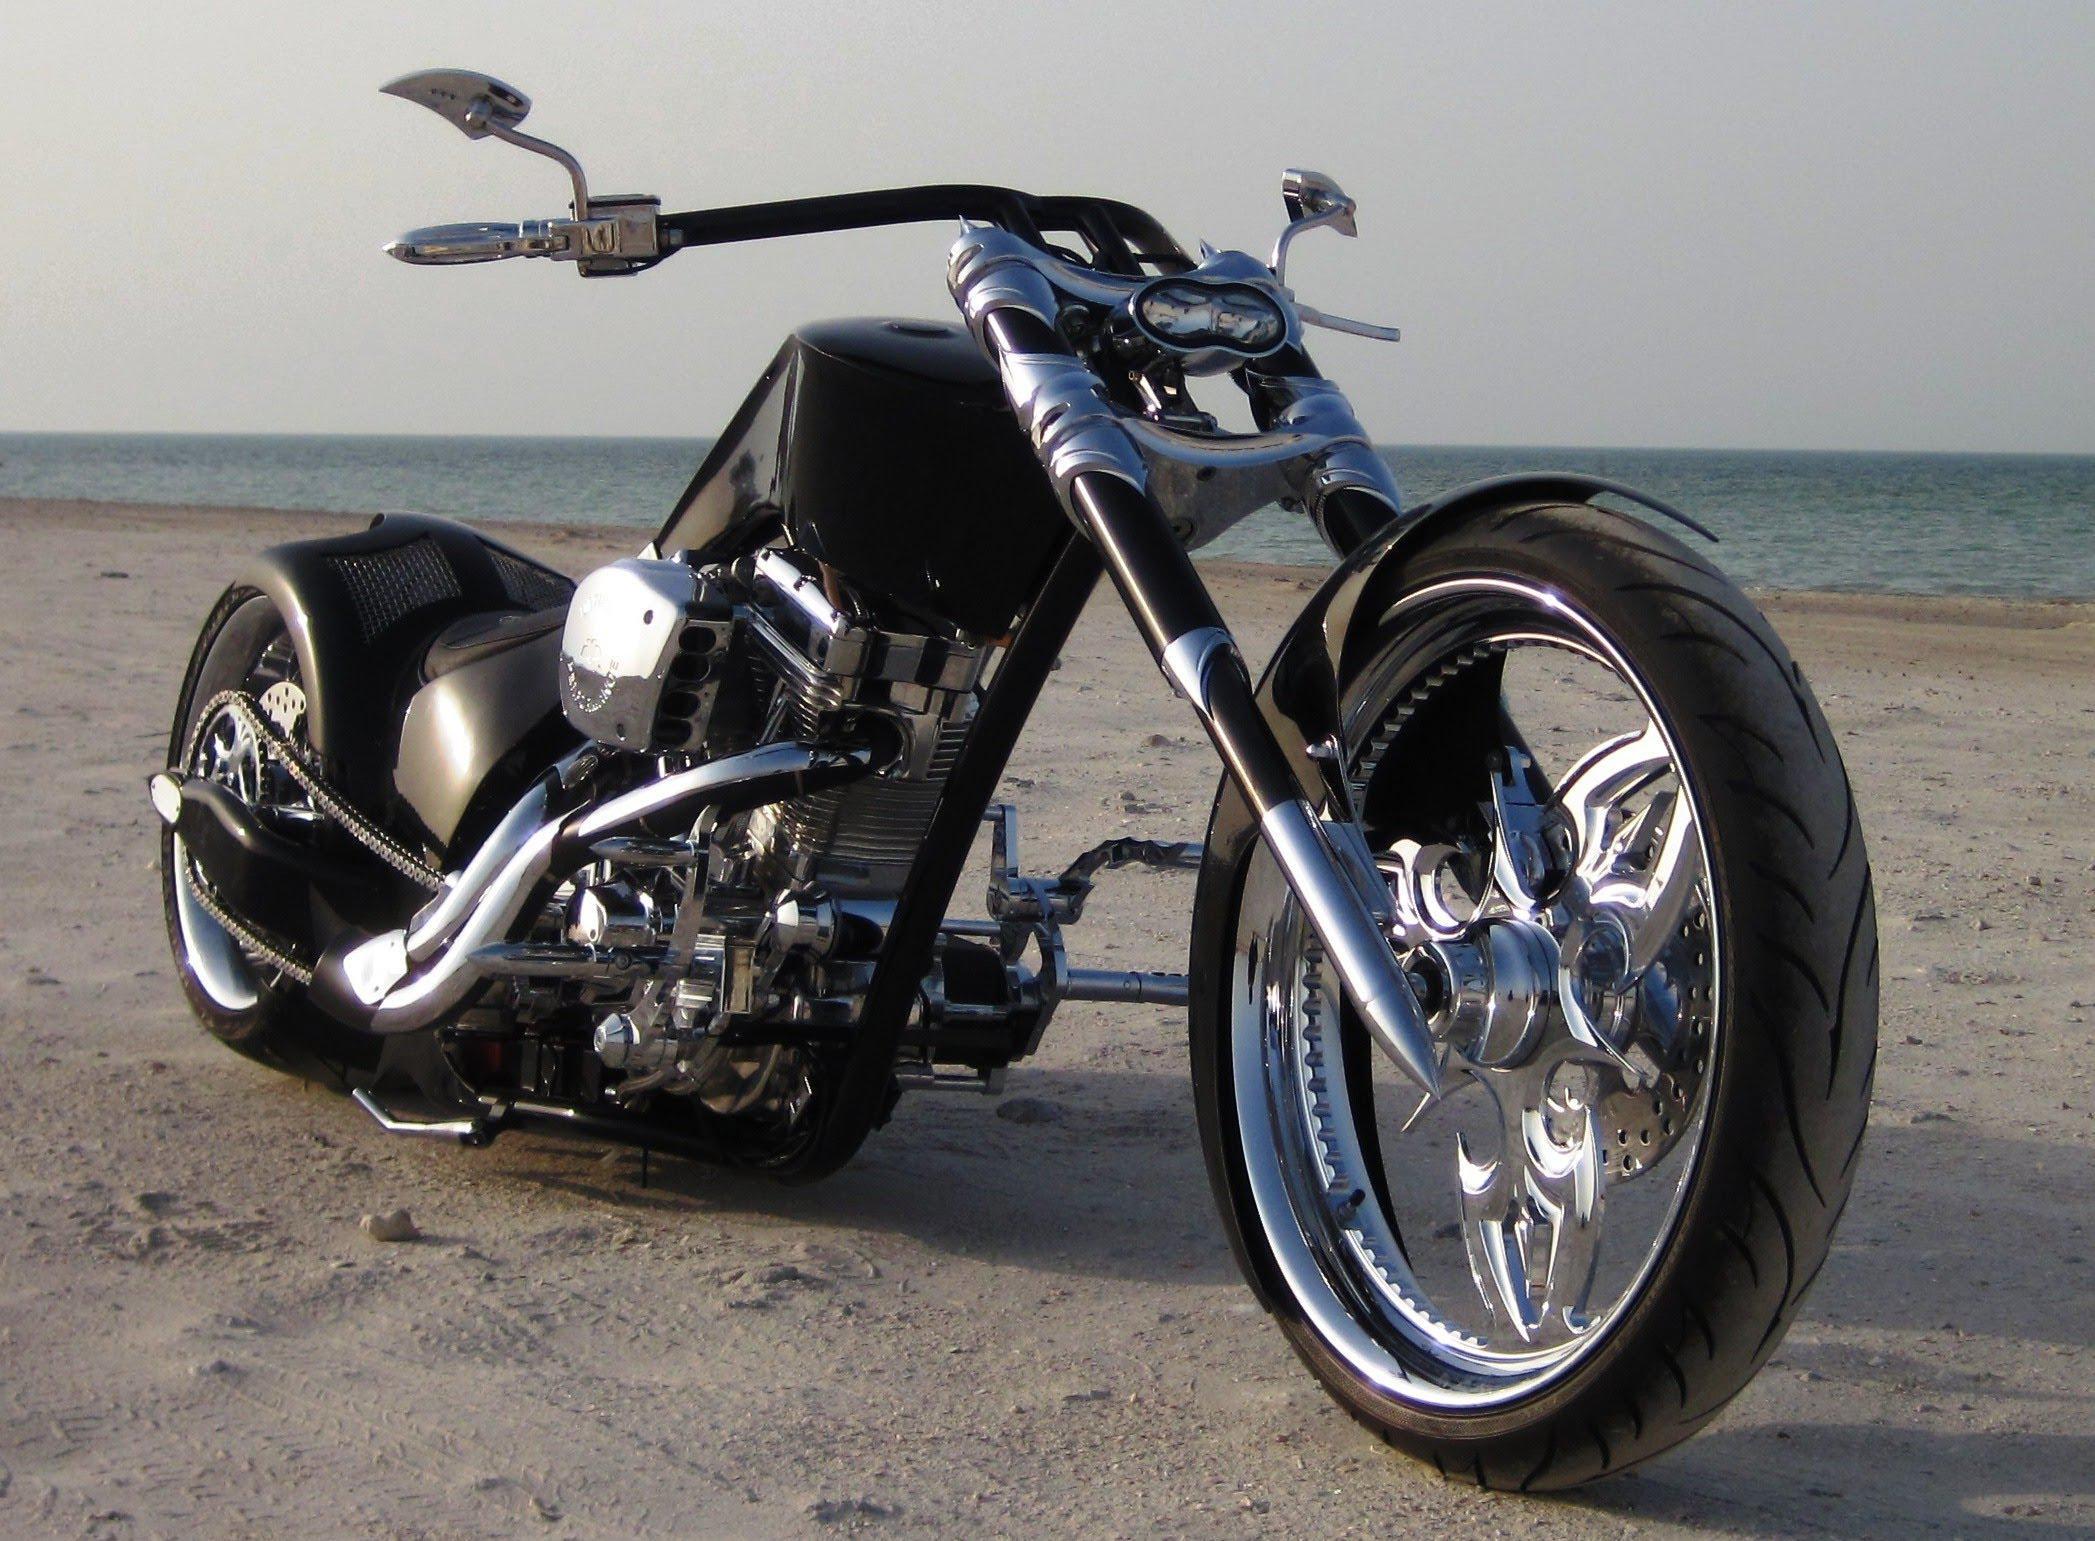 Hd Custom Chopper Motorbike Tuning Bike Hot Rod Rods - Chopper Custom Custom Bike - HD Wallpaper